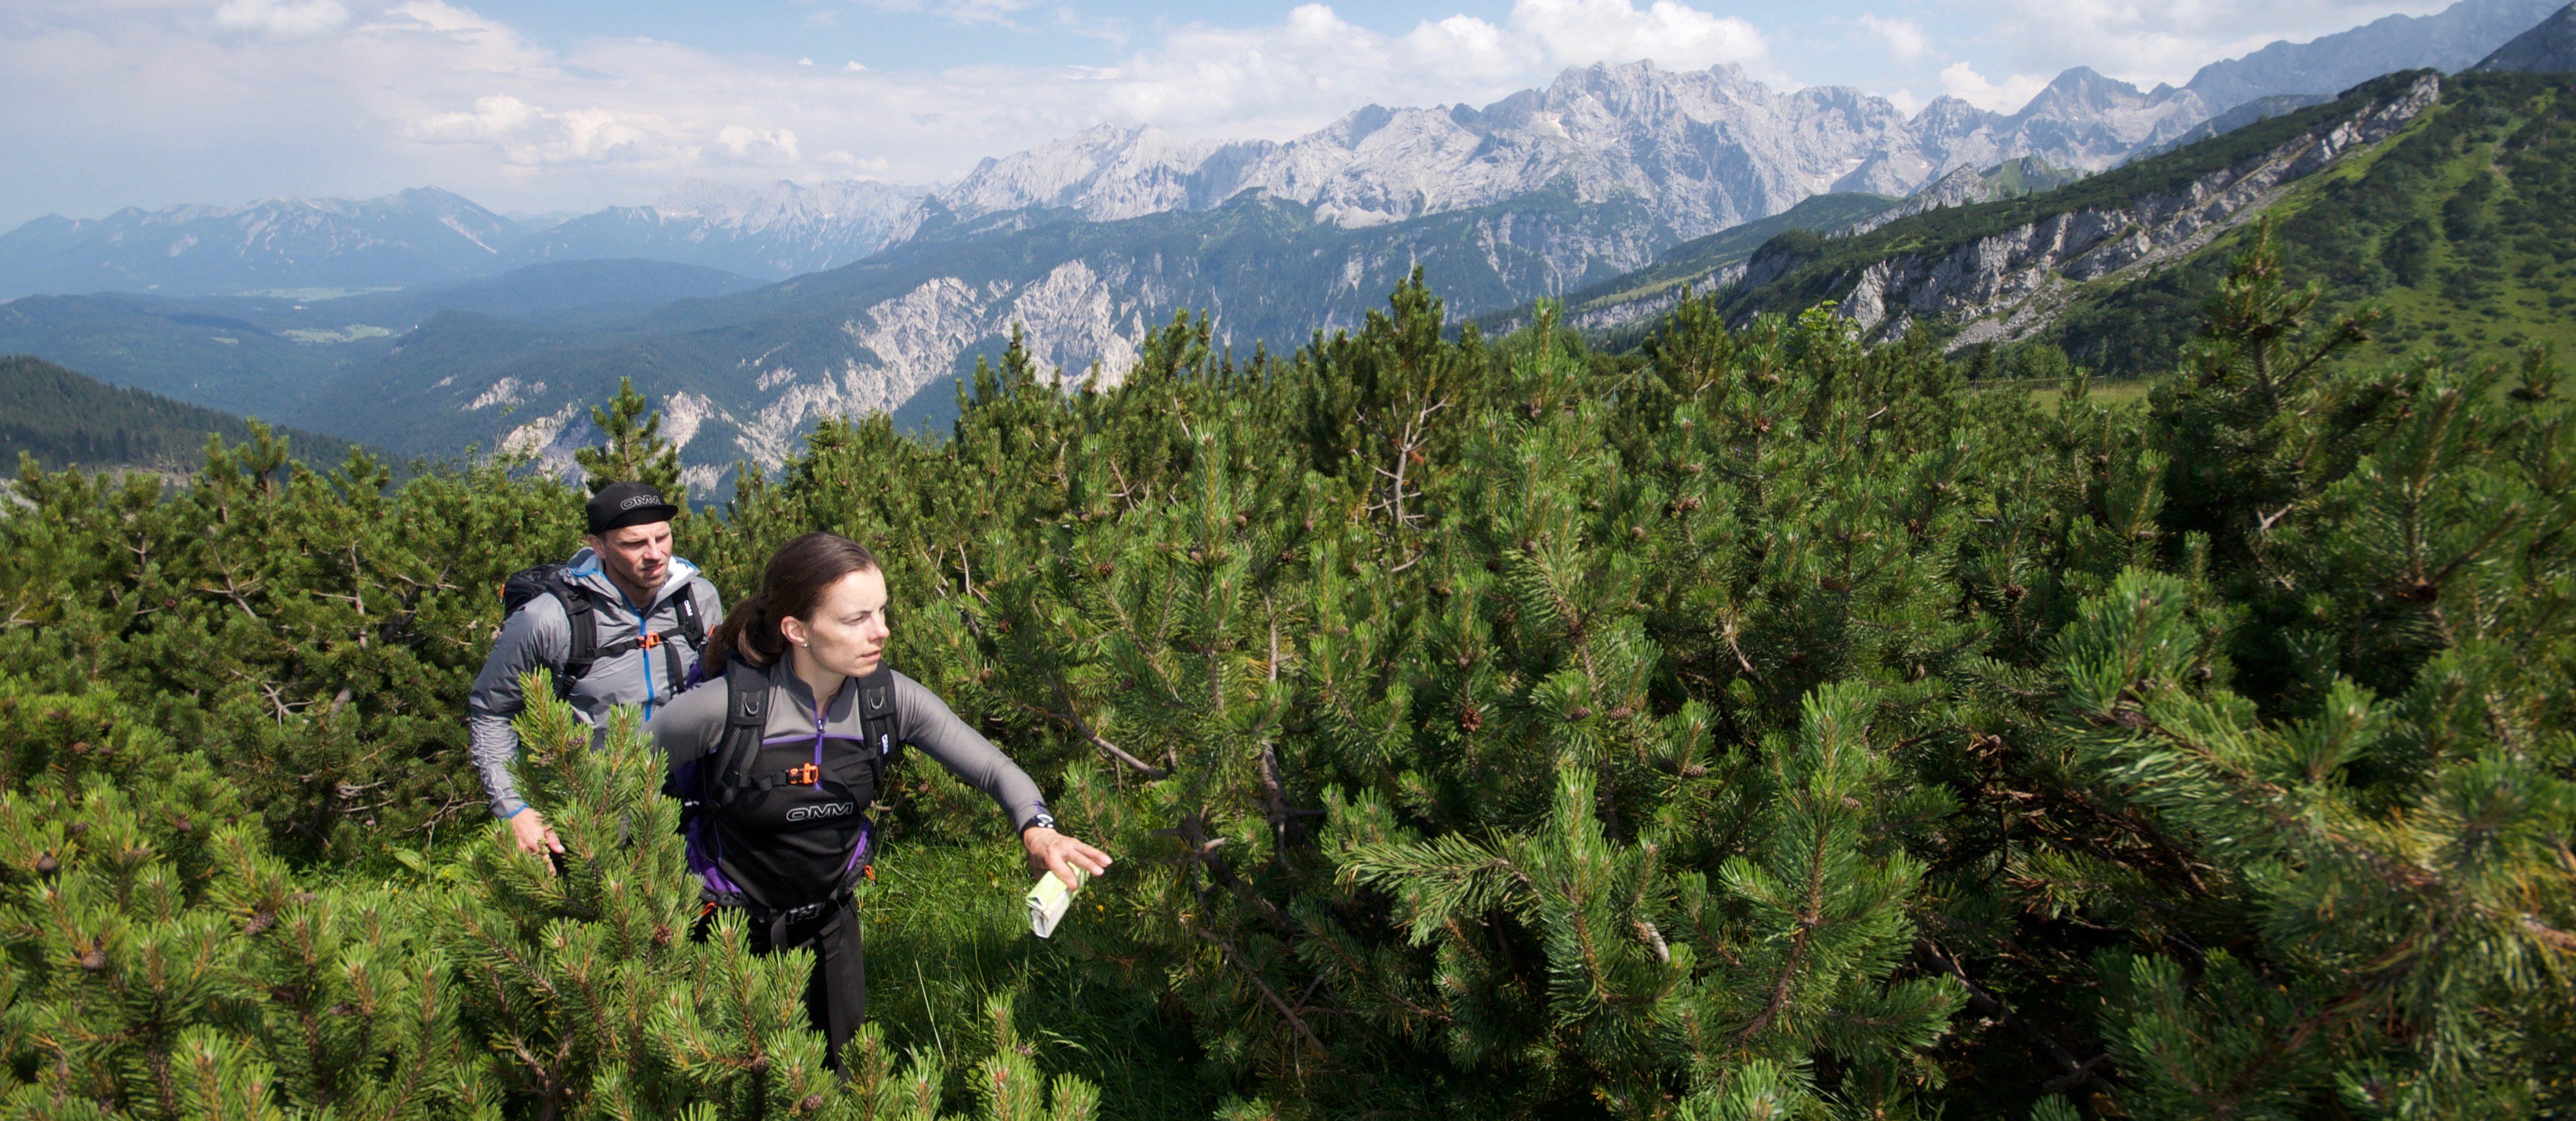 Zwei Läufer mit ultraleichter Ausrüstung in den Bergen